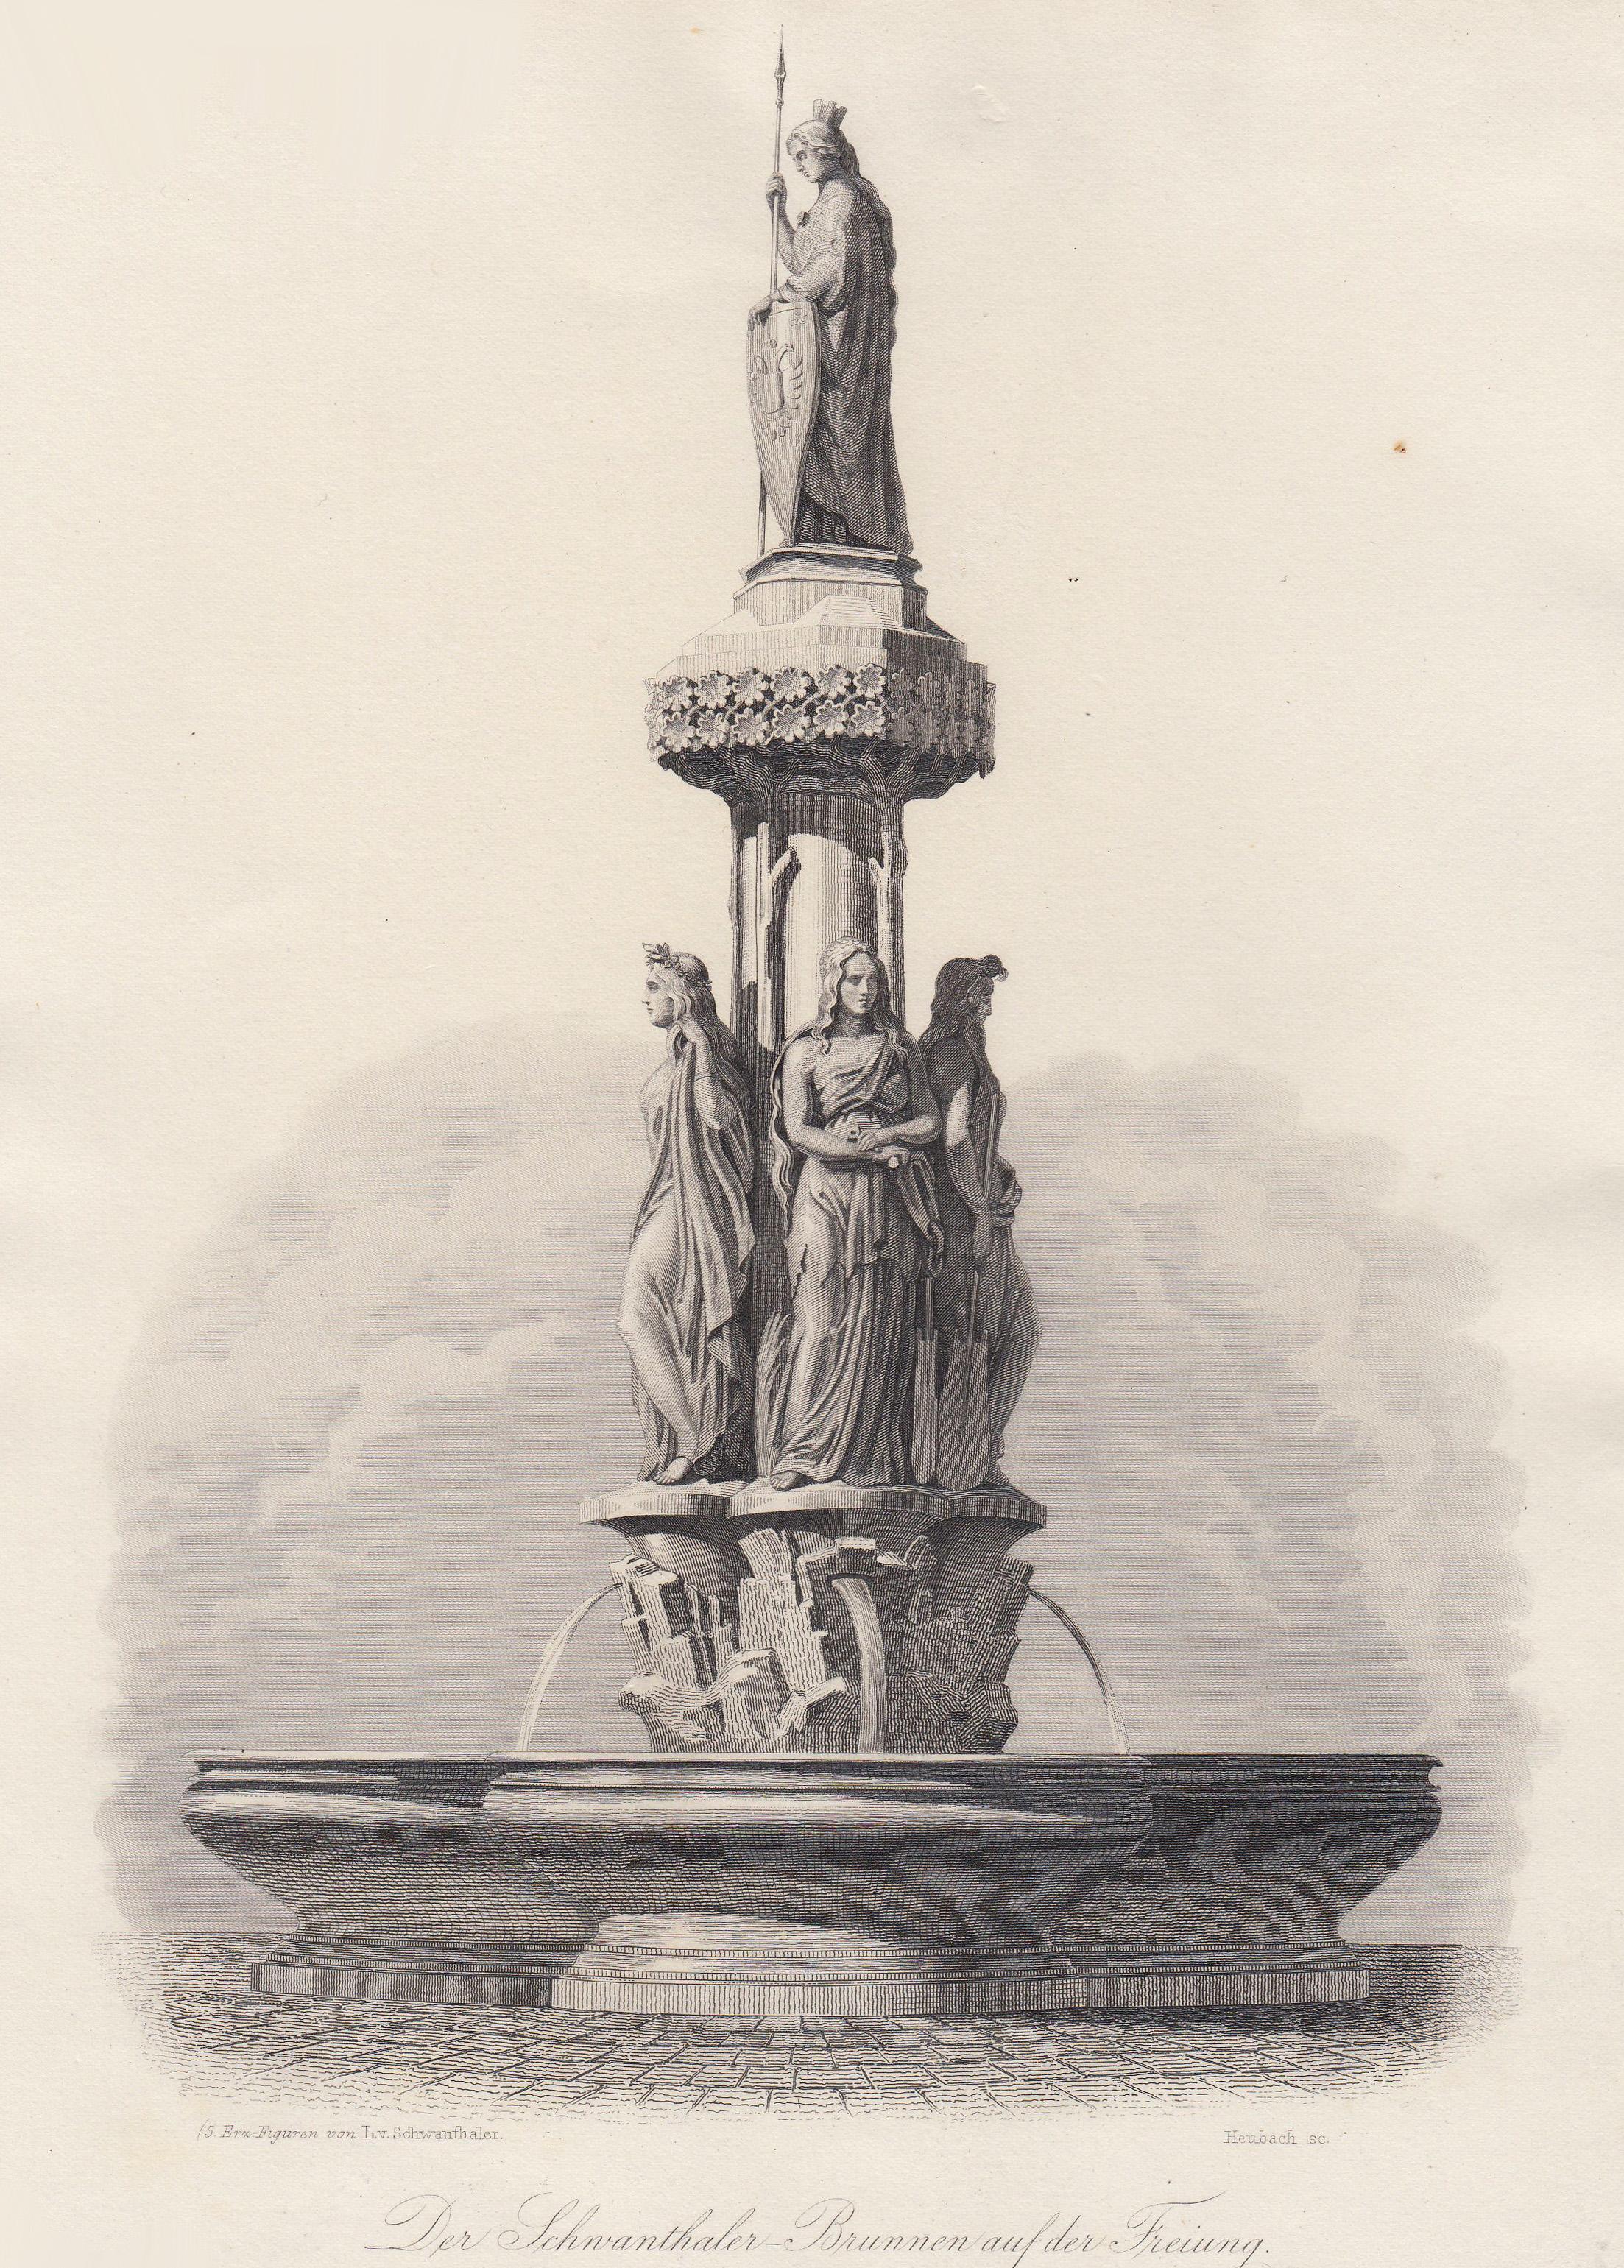 """TA., Freyung, """"Der Schwanthaler -Brunnen auf der: Wien ( Vienna"""